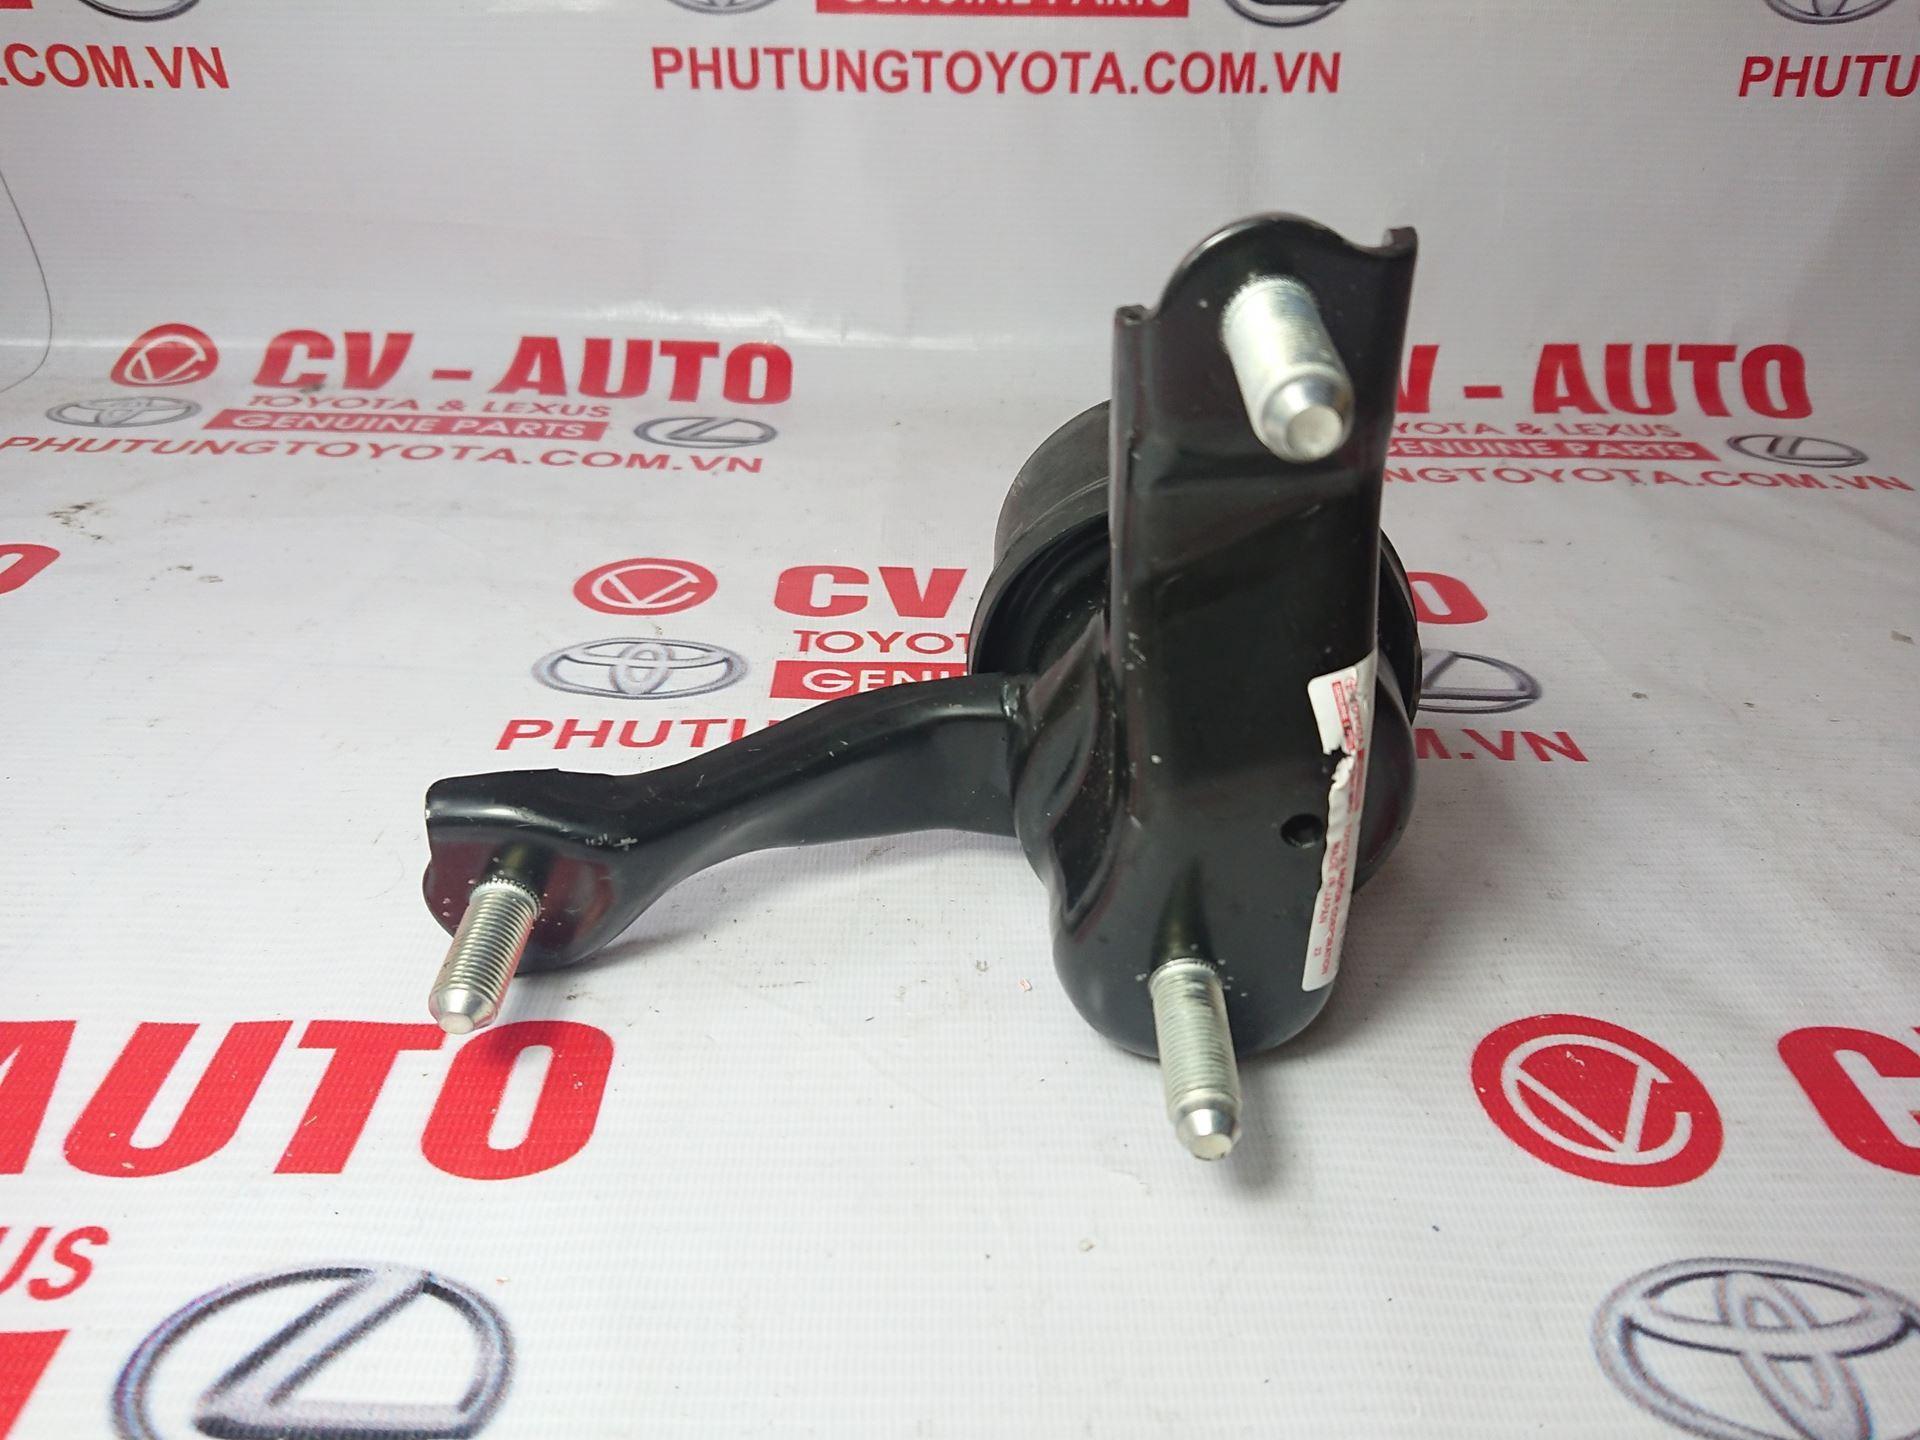 Picture of 12372-28020 Chân máy trái Toyota Camry ACV51 chính hãng